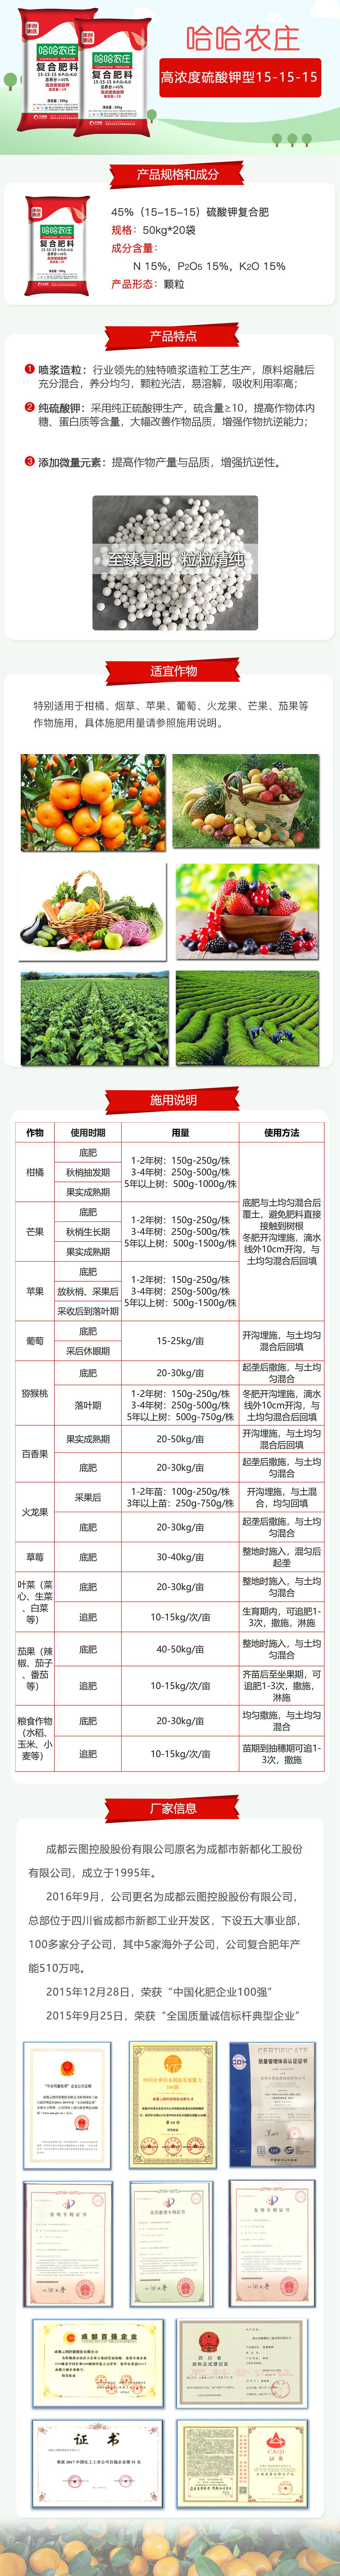 15-15-15高浓度硫酸钾型.jpg